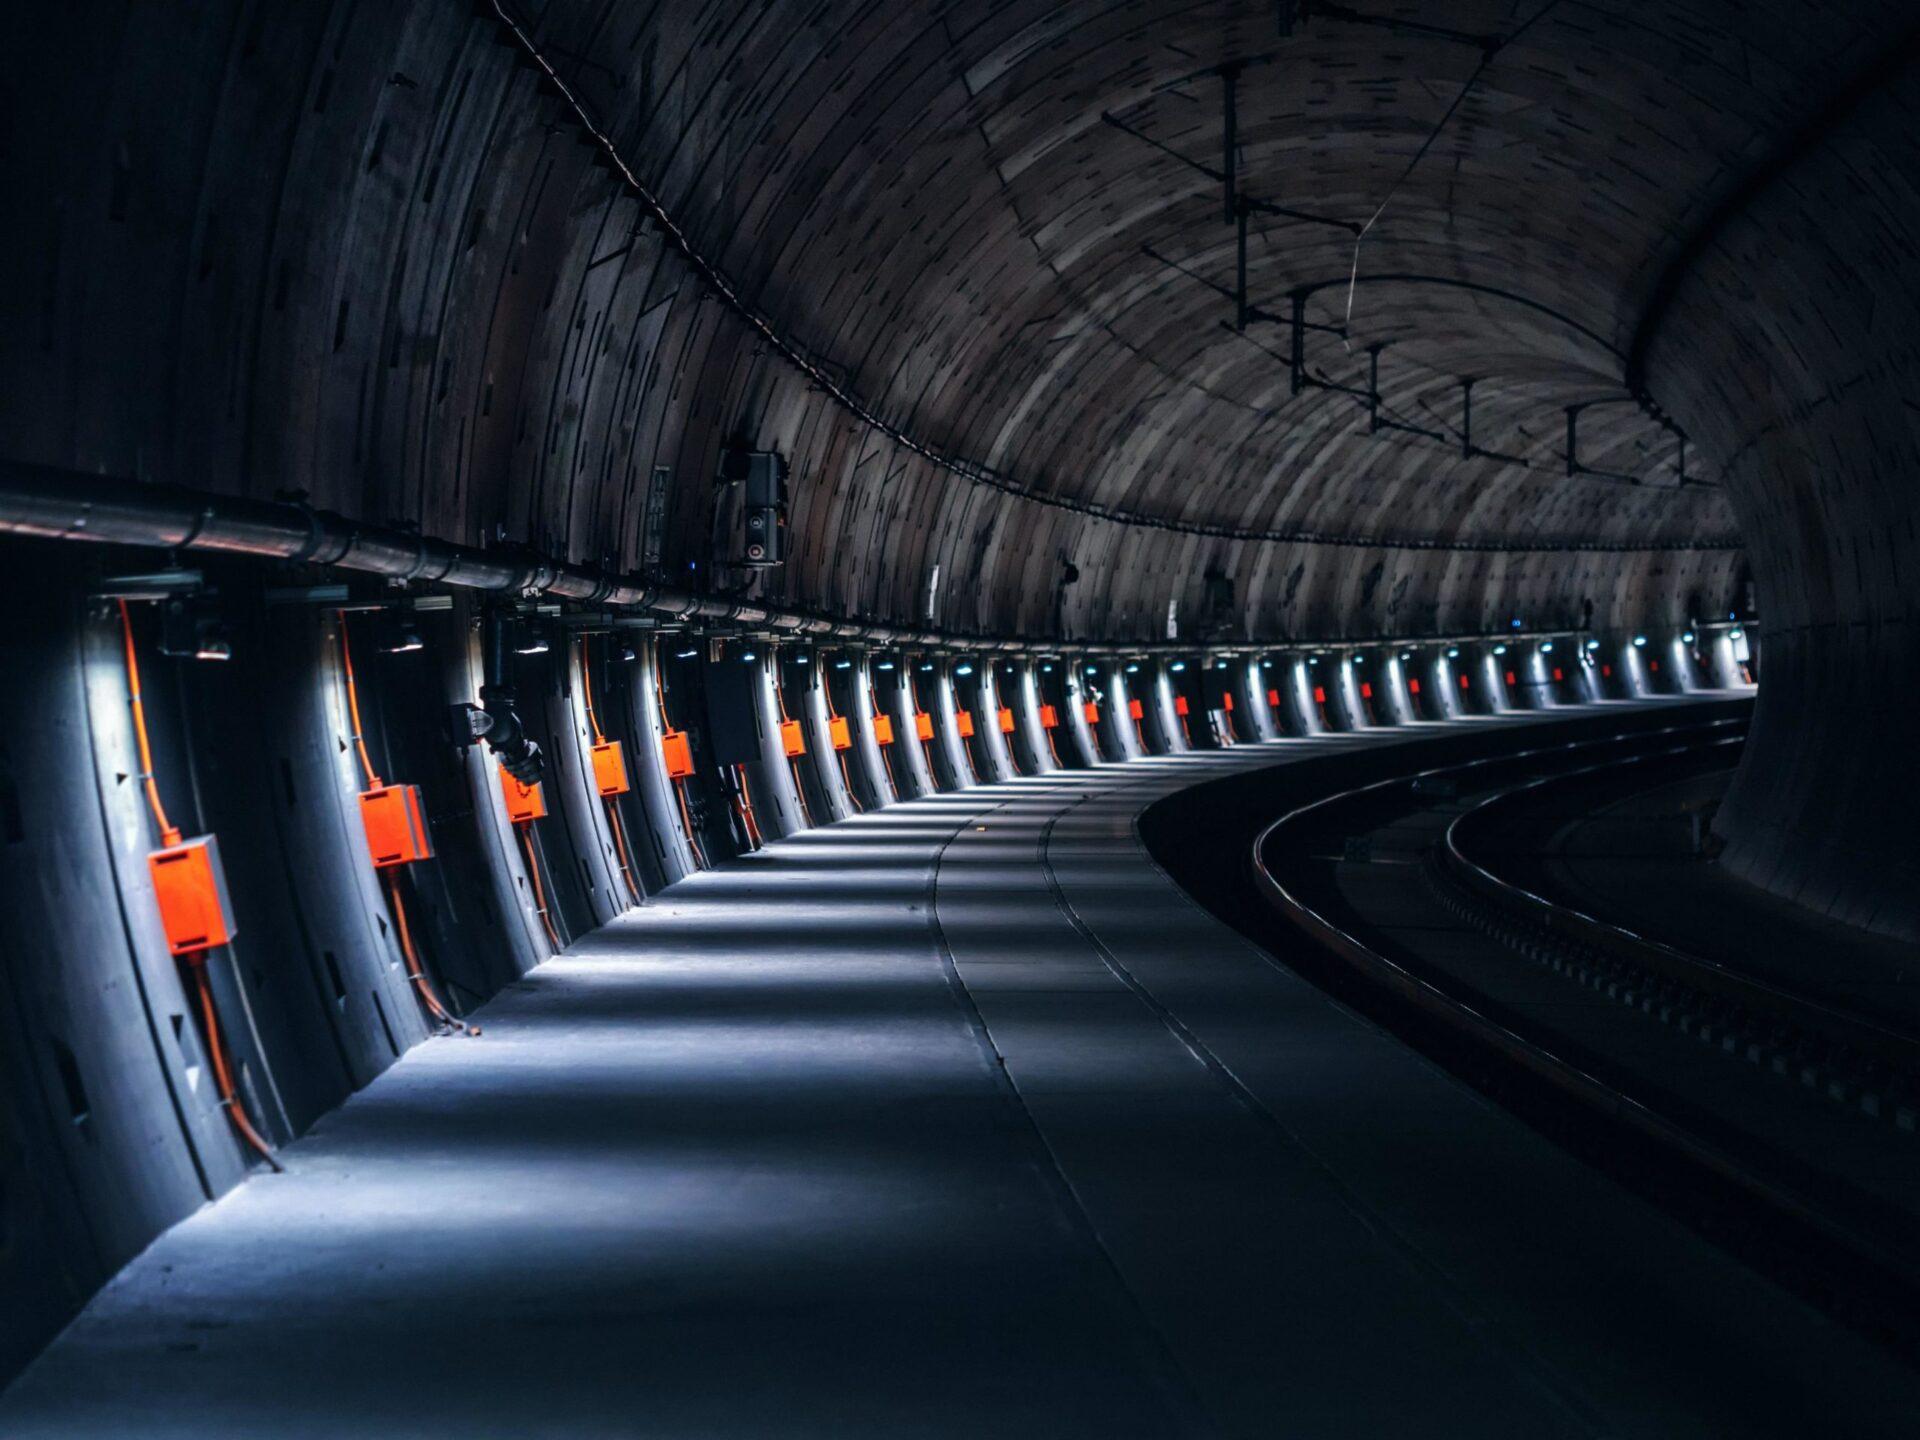 スイスのゴッダルドベーストンネルが2016年に世界一長いトンネルになった